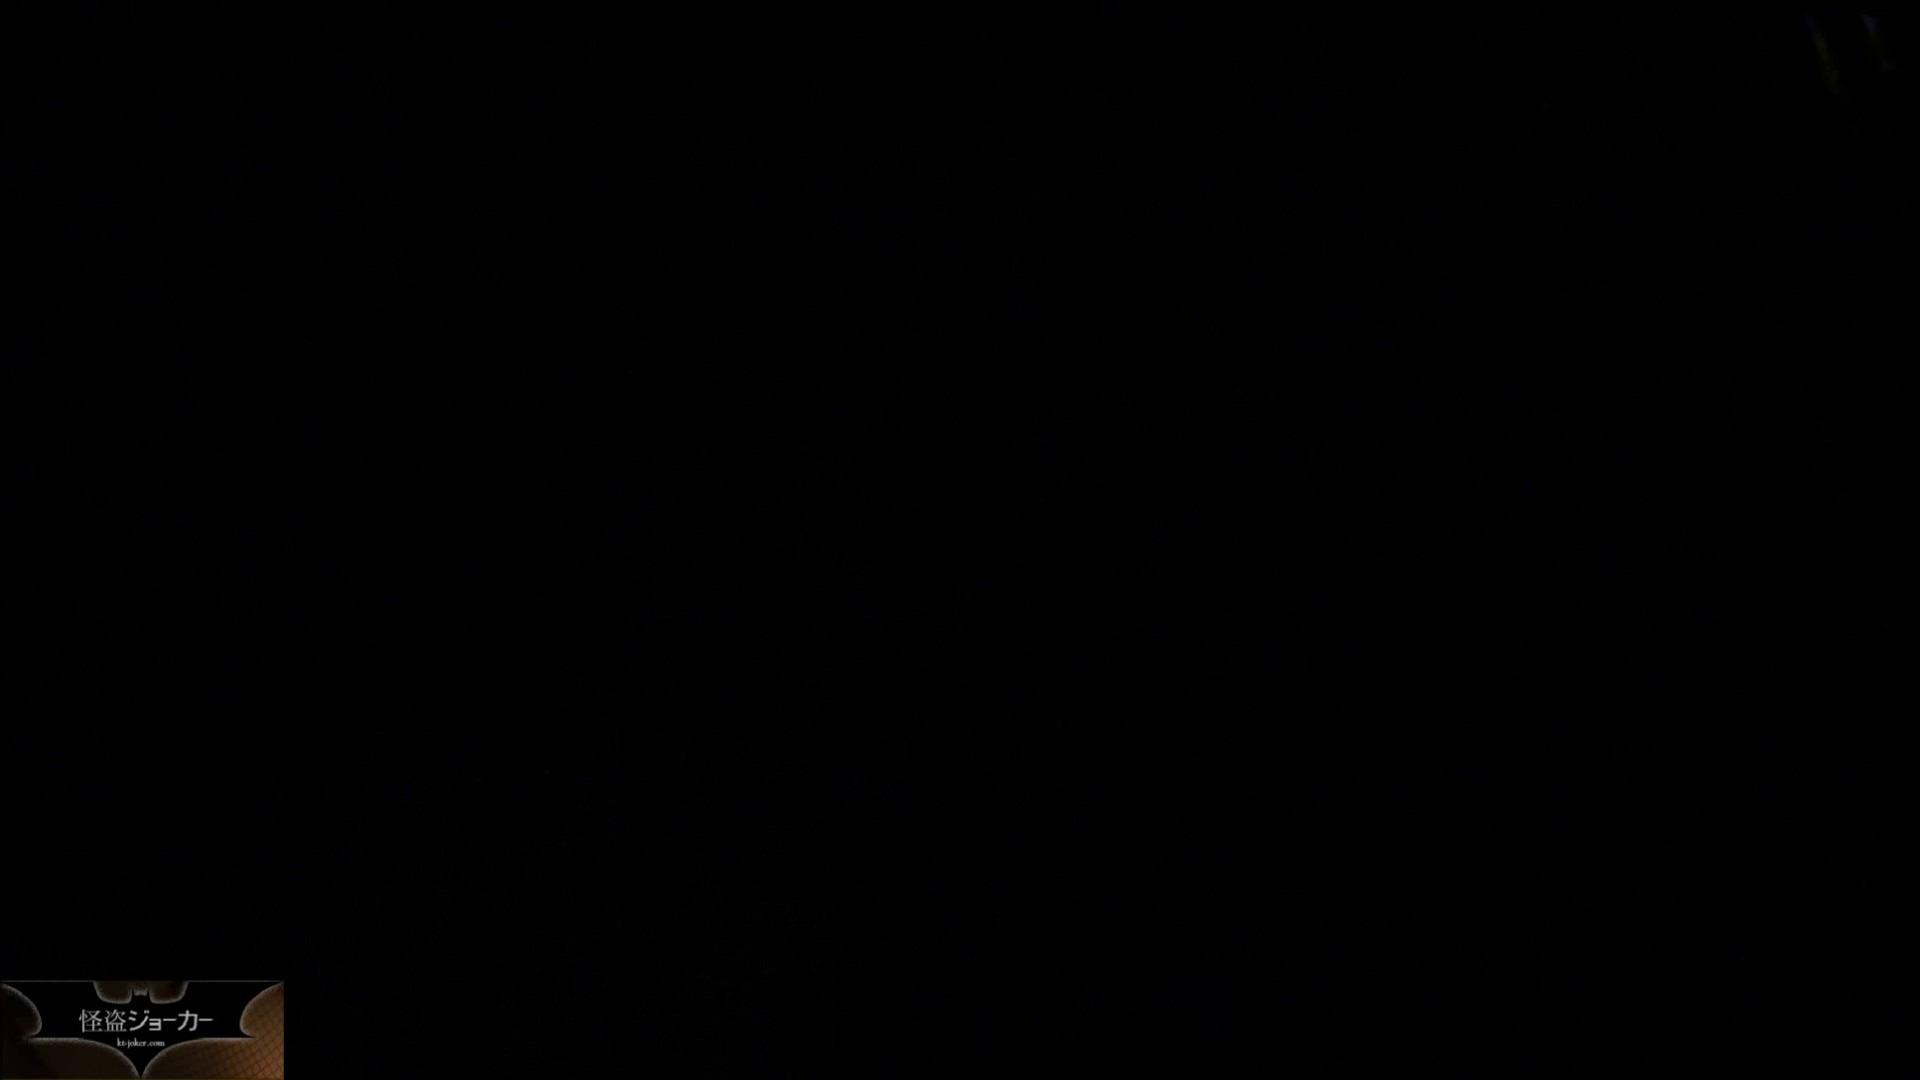 【未公開】vol.70 {隠れFカップの美巨乳}HCちゃん②コスプレ戯びと戯れ。 OL | フェチ  40連発 23